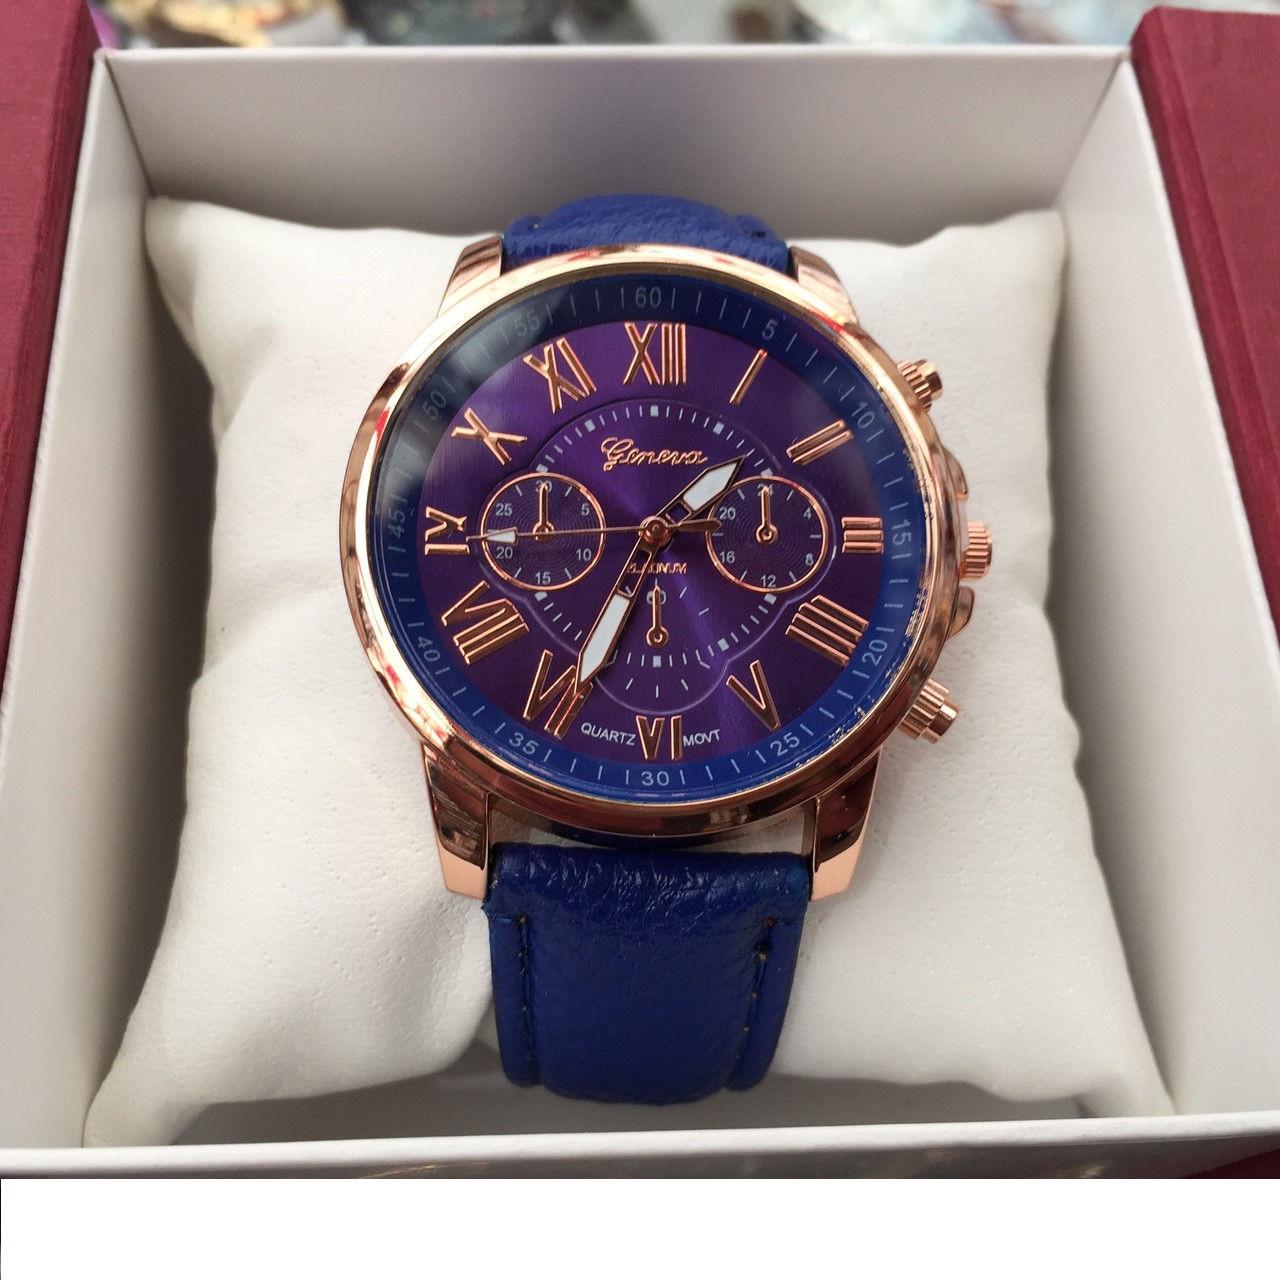 ee207dcf ЧАСЫ GENEVA N8 женские, женские часы, механические часы, наручные часы, кварцевые  часы